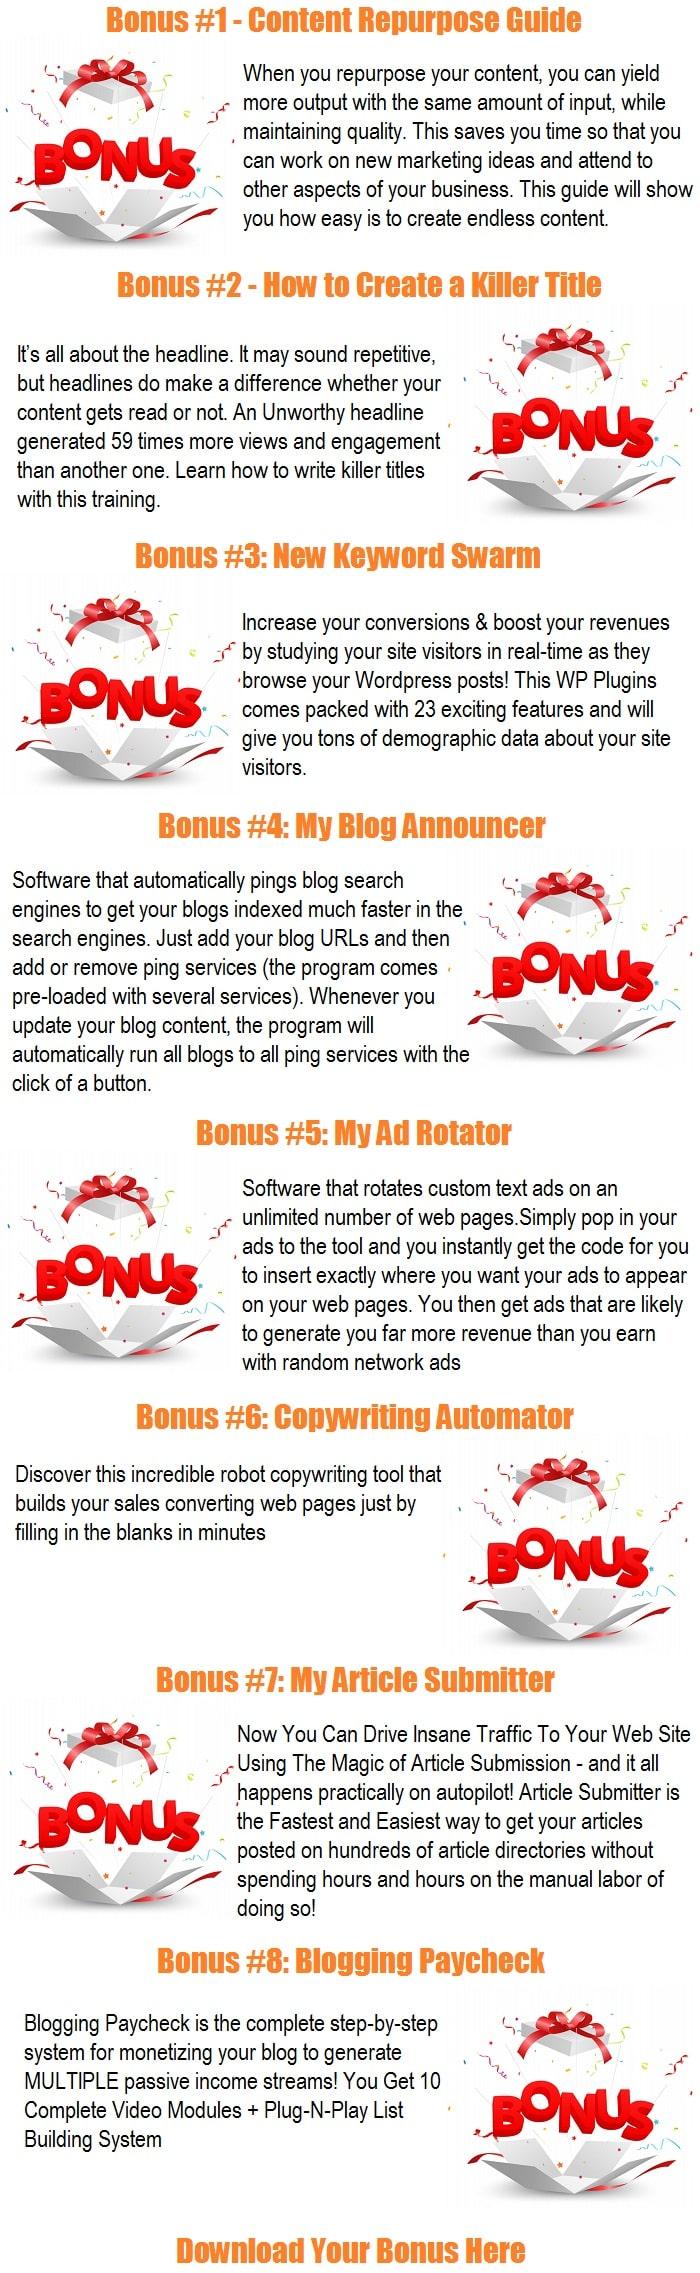 Content Gorilla 2.0 Bonus